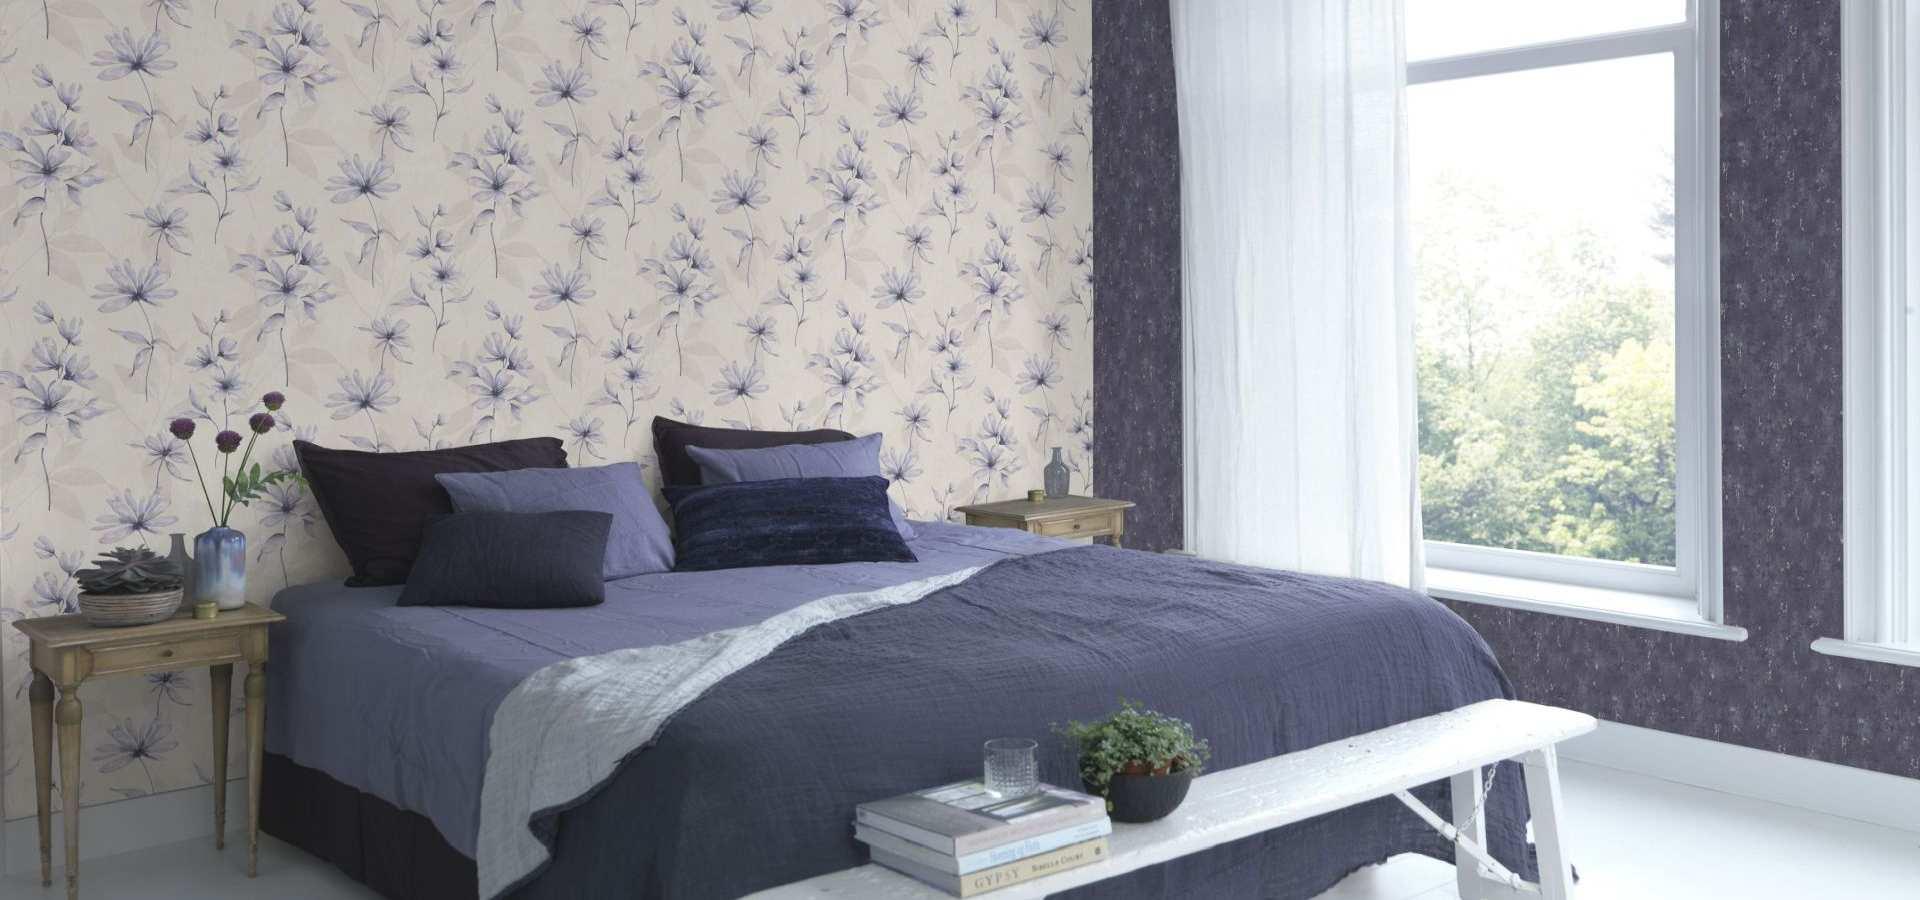 Schlafzimmer Tapete Dahlie